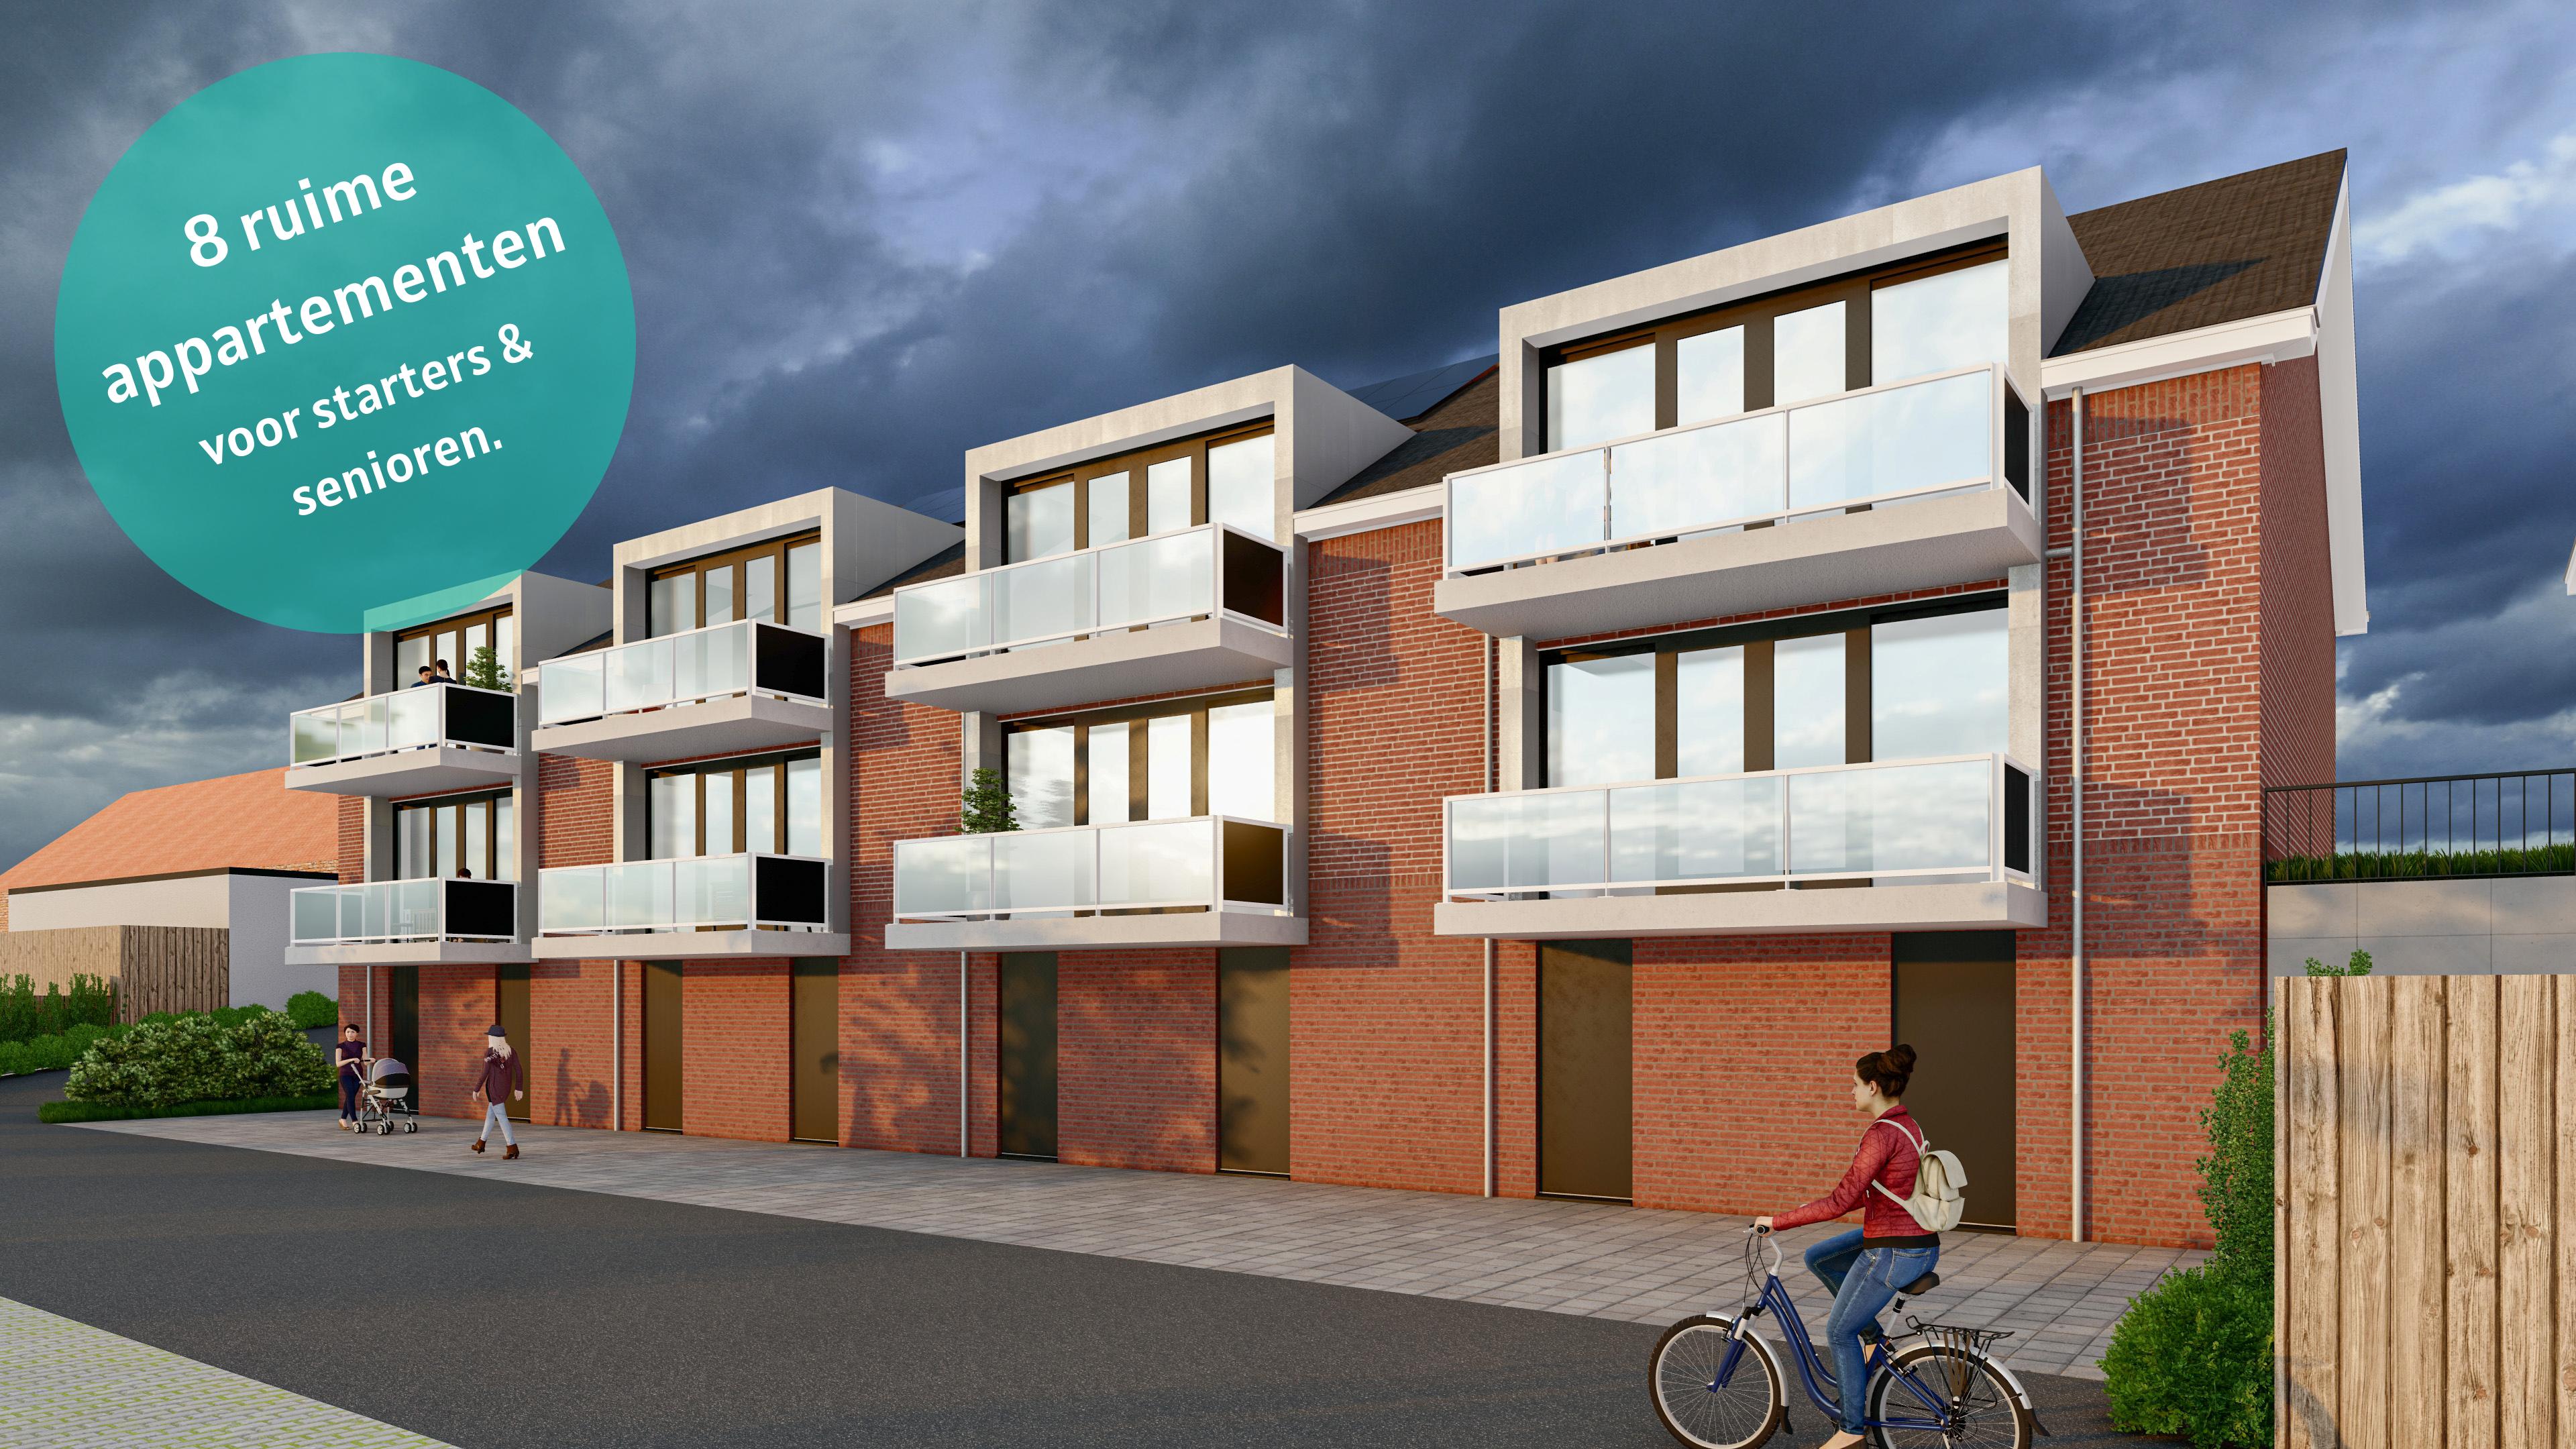 8 ruime appartementen (1)